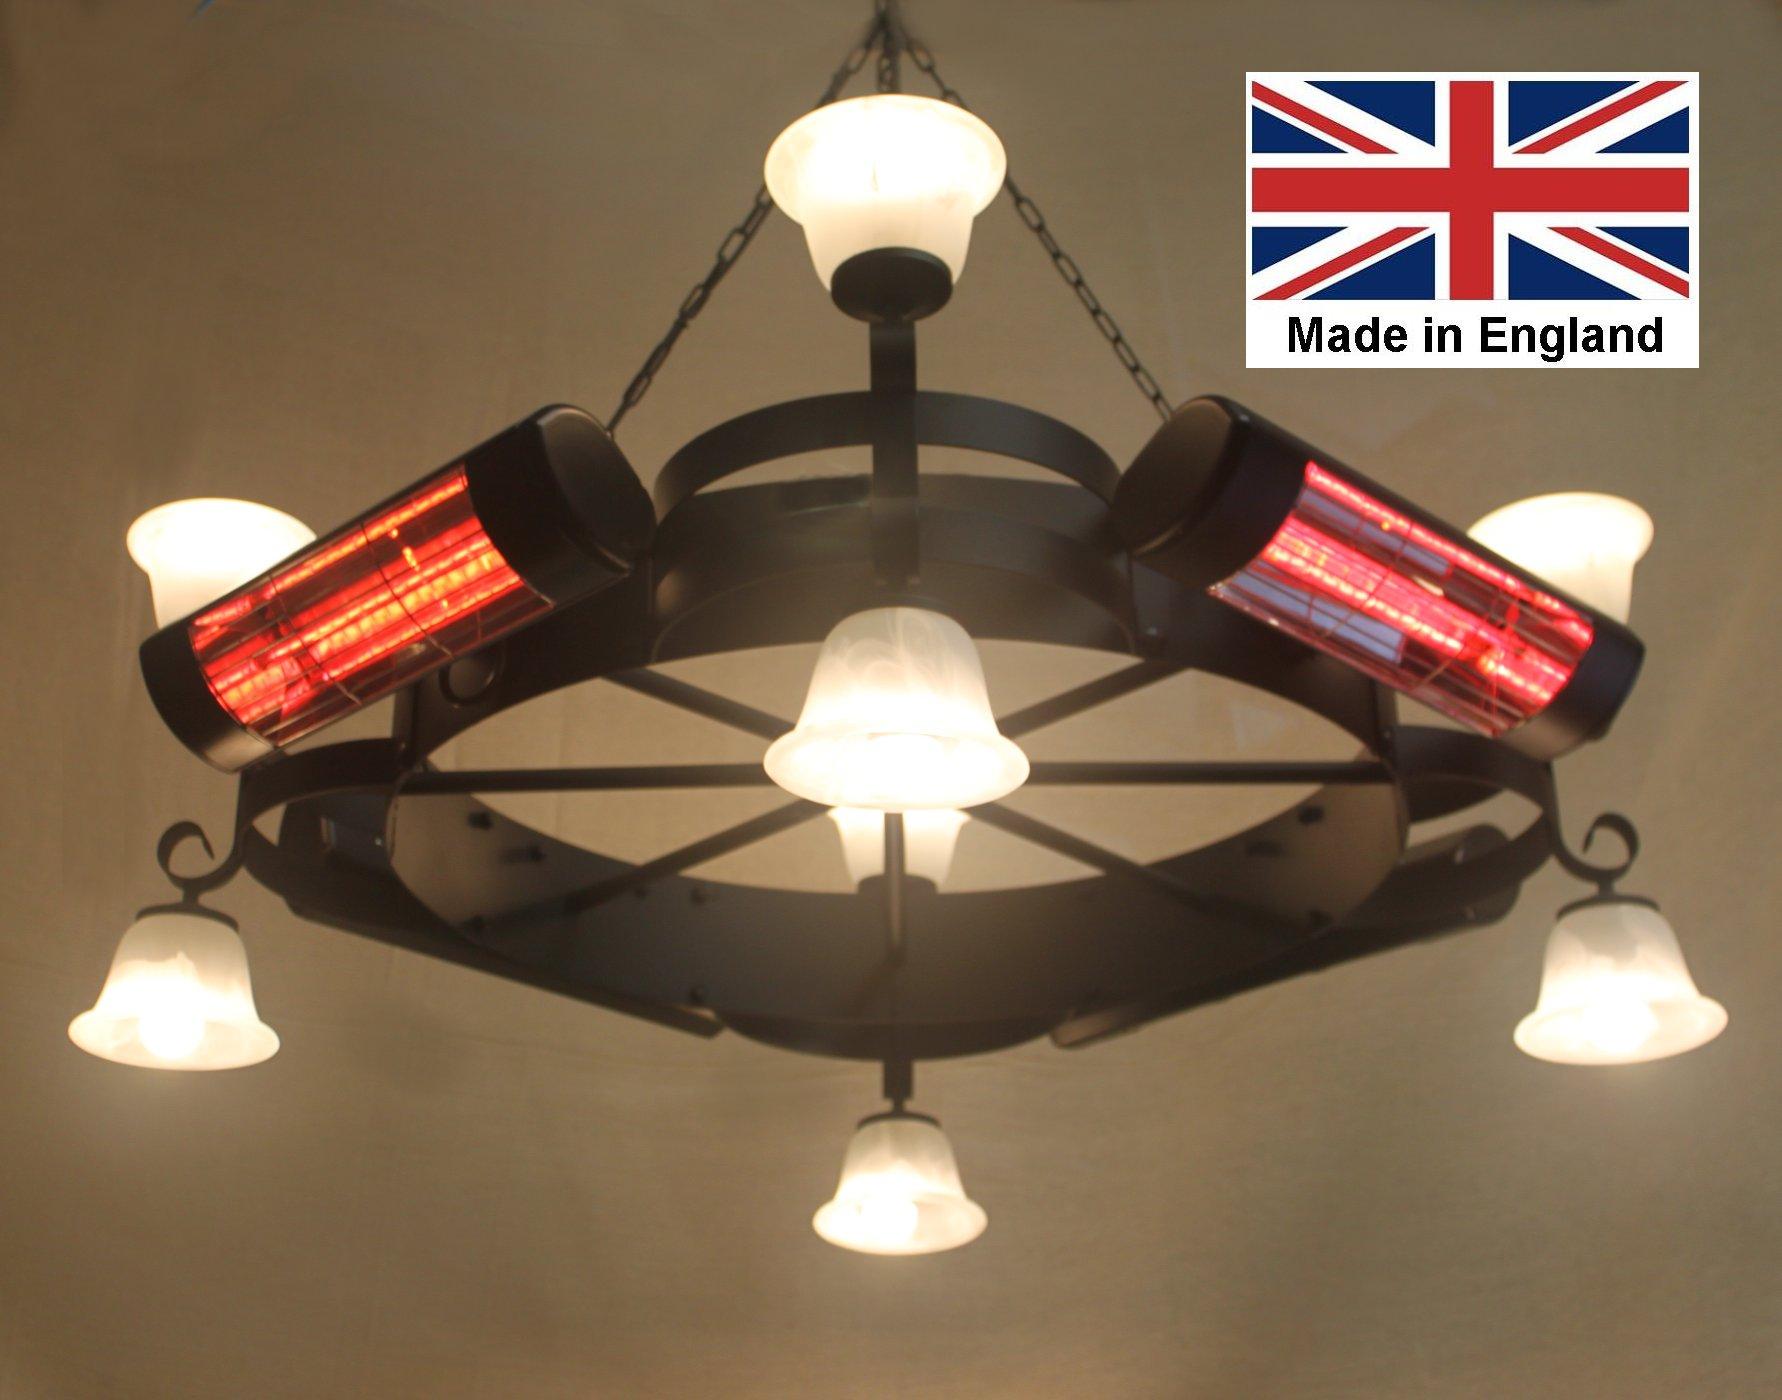 Chandelier Heater 8.0kW 'Gaddesby' Design